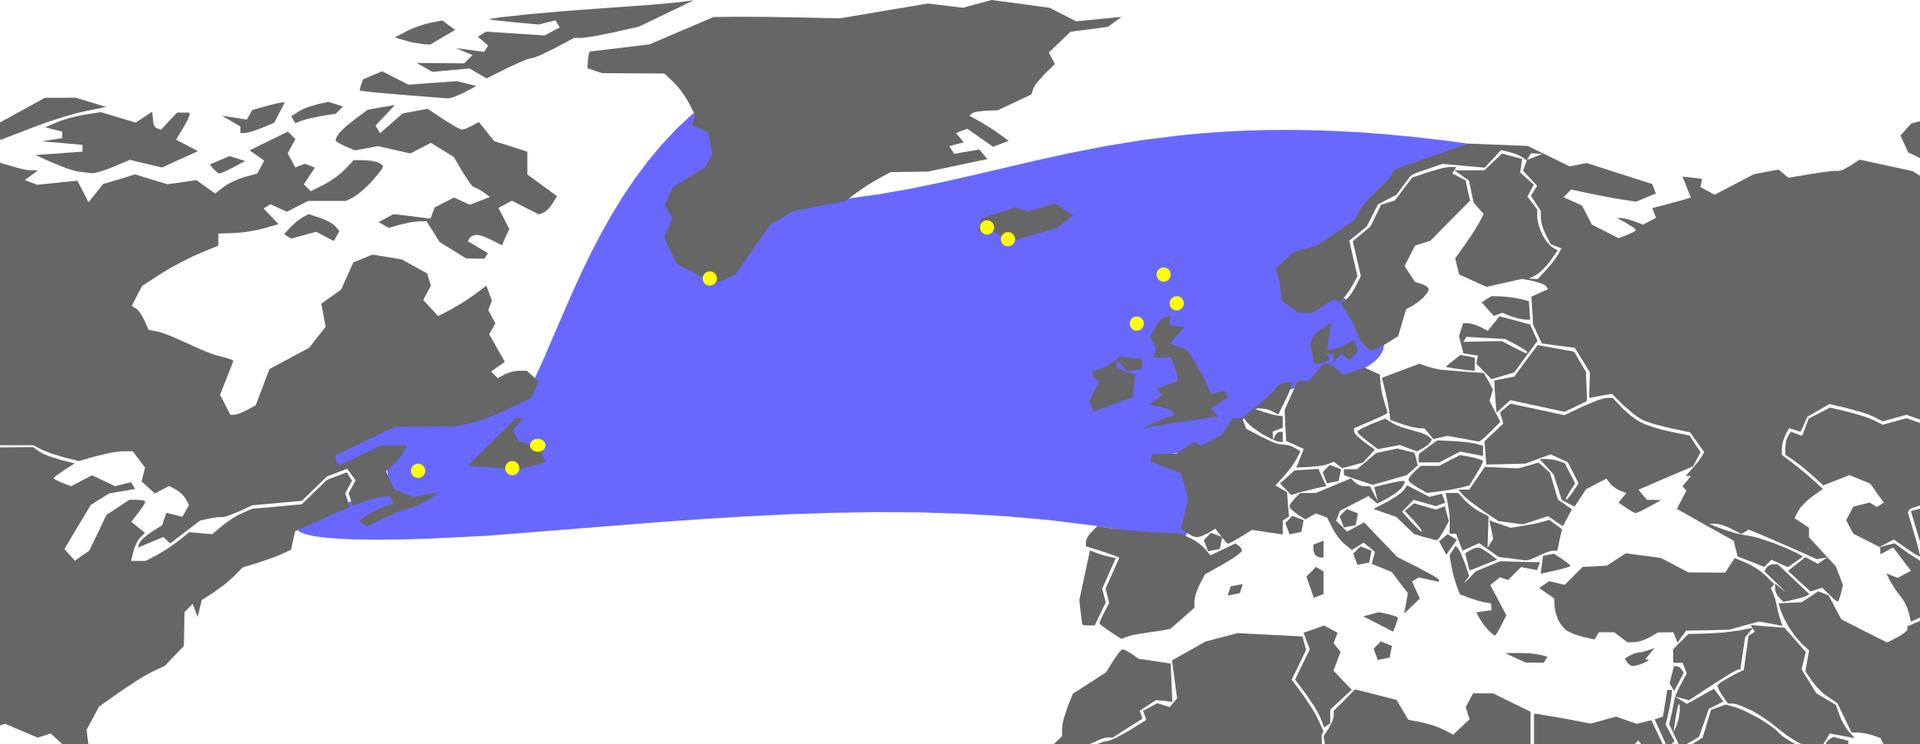 Ilustracja przedstawia wycinek mapy półkuli północnej. Sylwetki kontynentów ciemno szare, morze białe. Na niebiesko zaznaczono zasięg występowania alki olbrzymiej: od Europy przez Grenlandię do Ameryki Północnej.